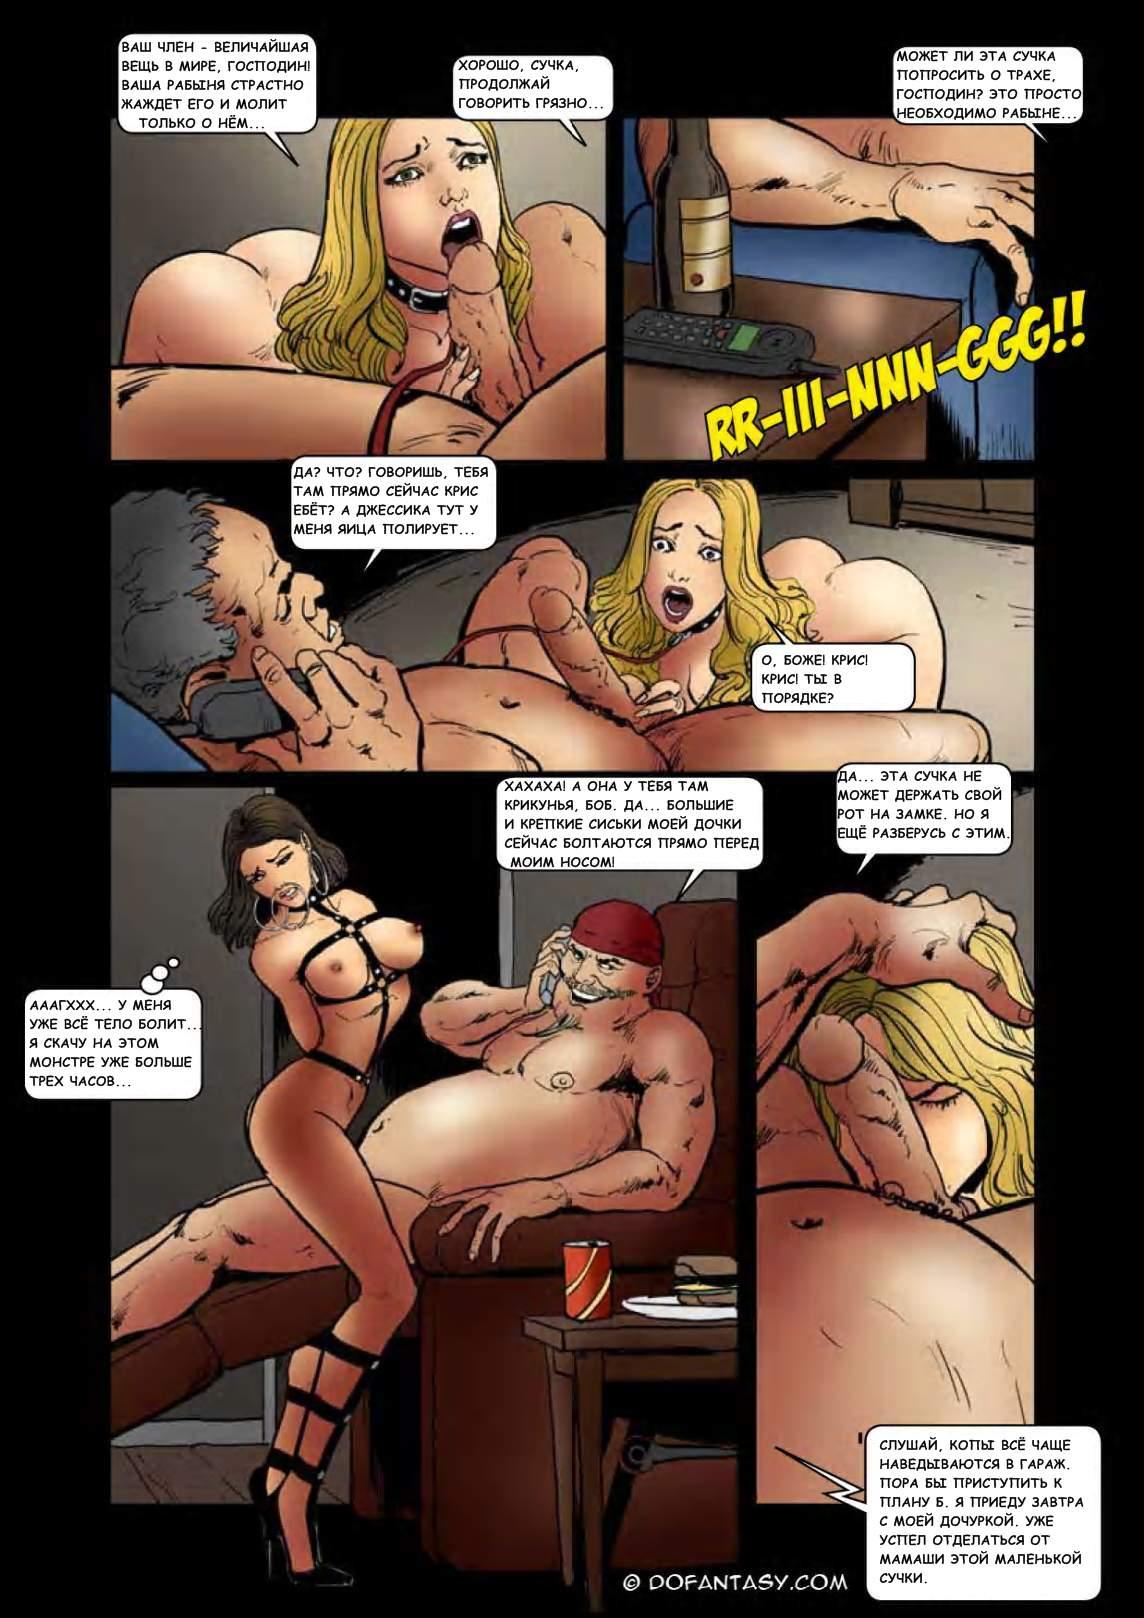 Порно фото бабушек. Секс фото русских и зарубежных бабушек